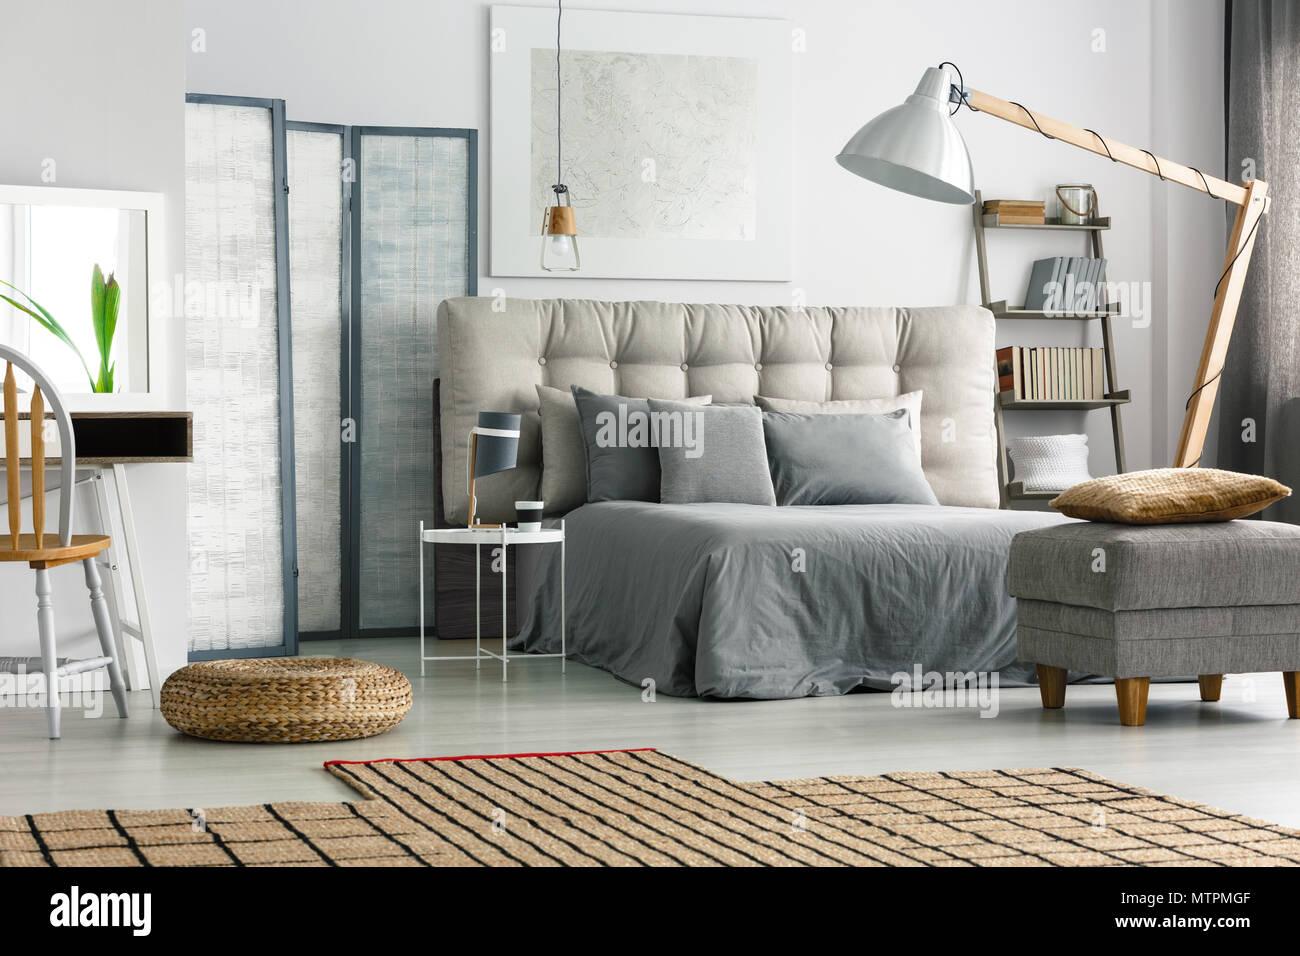 Wicker Teppich Auf Dem Boden In Gemutlichen Grau Schlafzimmer Mit Bett Stockfotografie Alamy